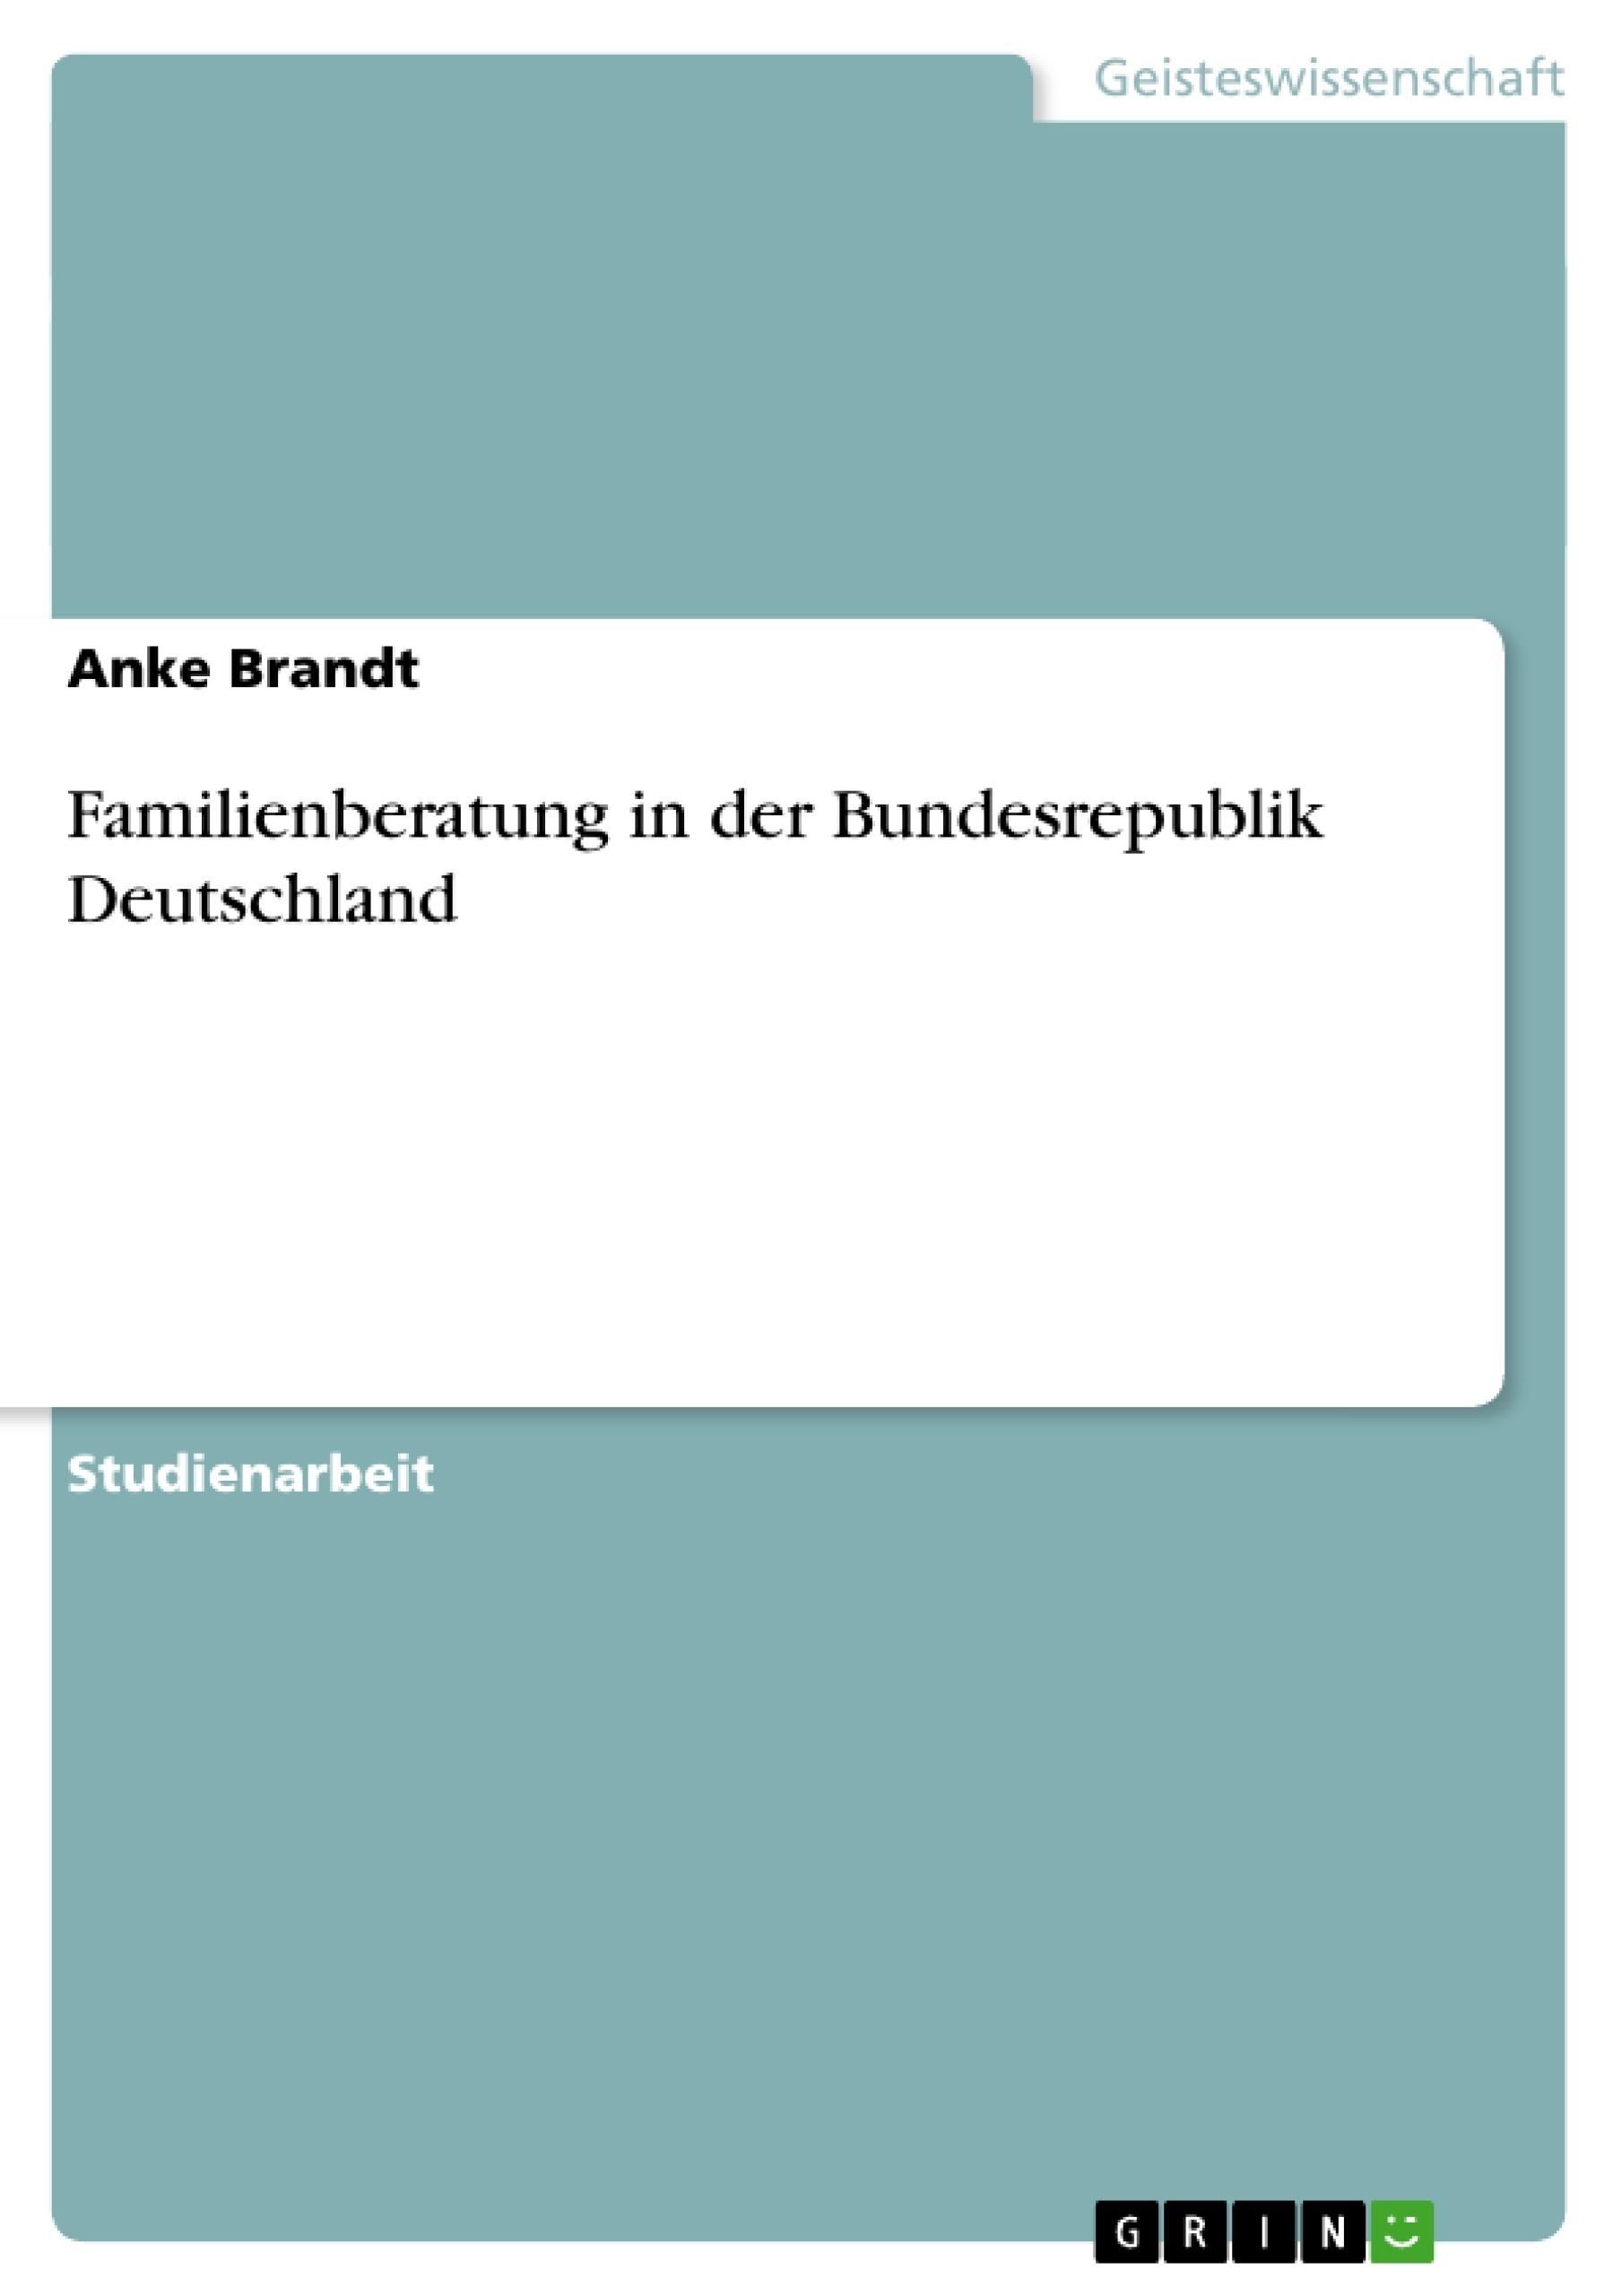 Titel: Familienberatung in der Bundesrepublik Deutschland